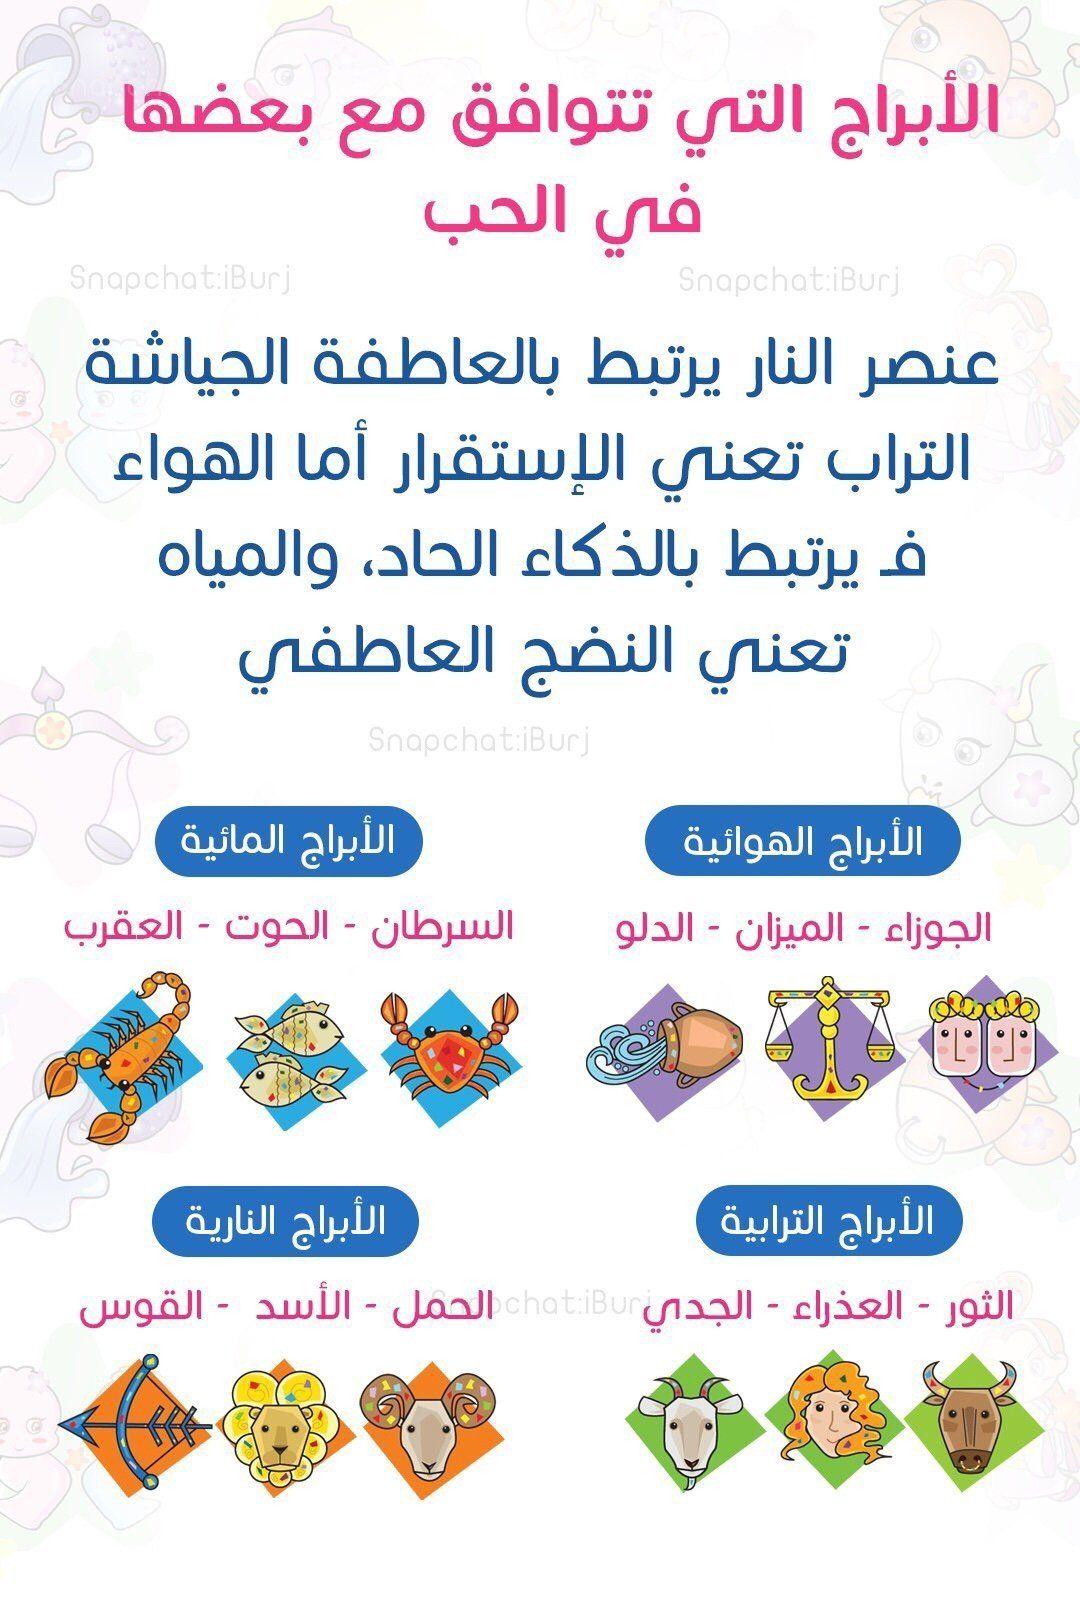 الأبراج المتوافقة مع بعض في الحب برج الجوزاء برج الحمل برج الميزان برج الثور برج ال Iphone Wallpaper Quotes Love Cool Words Beautiful Arabic Words